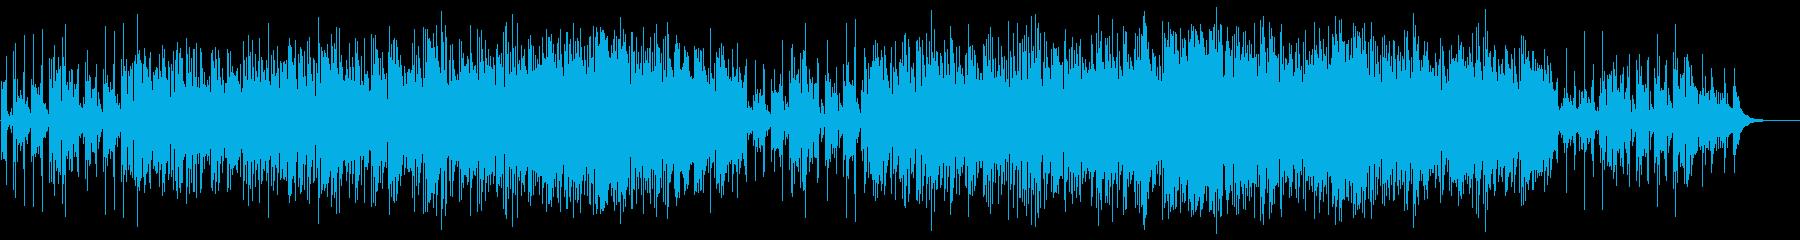 スローで癒されるソロギターの再生済みの波形